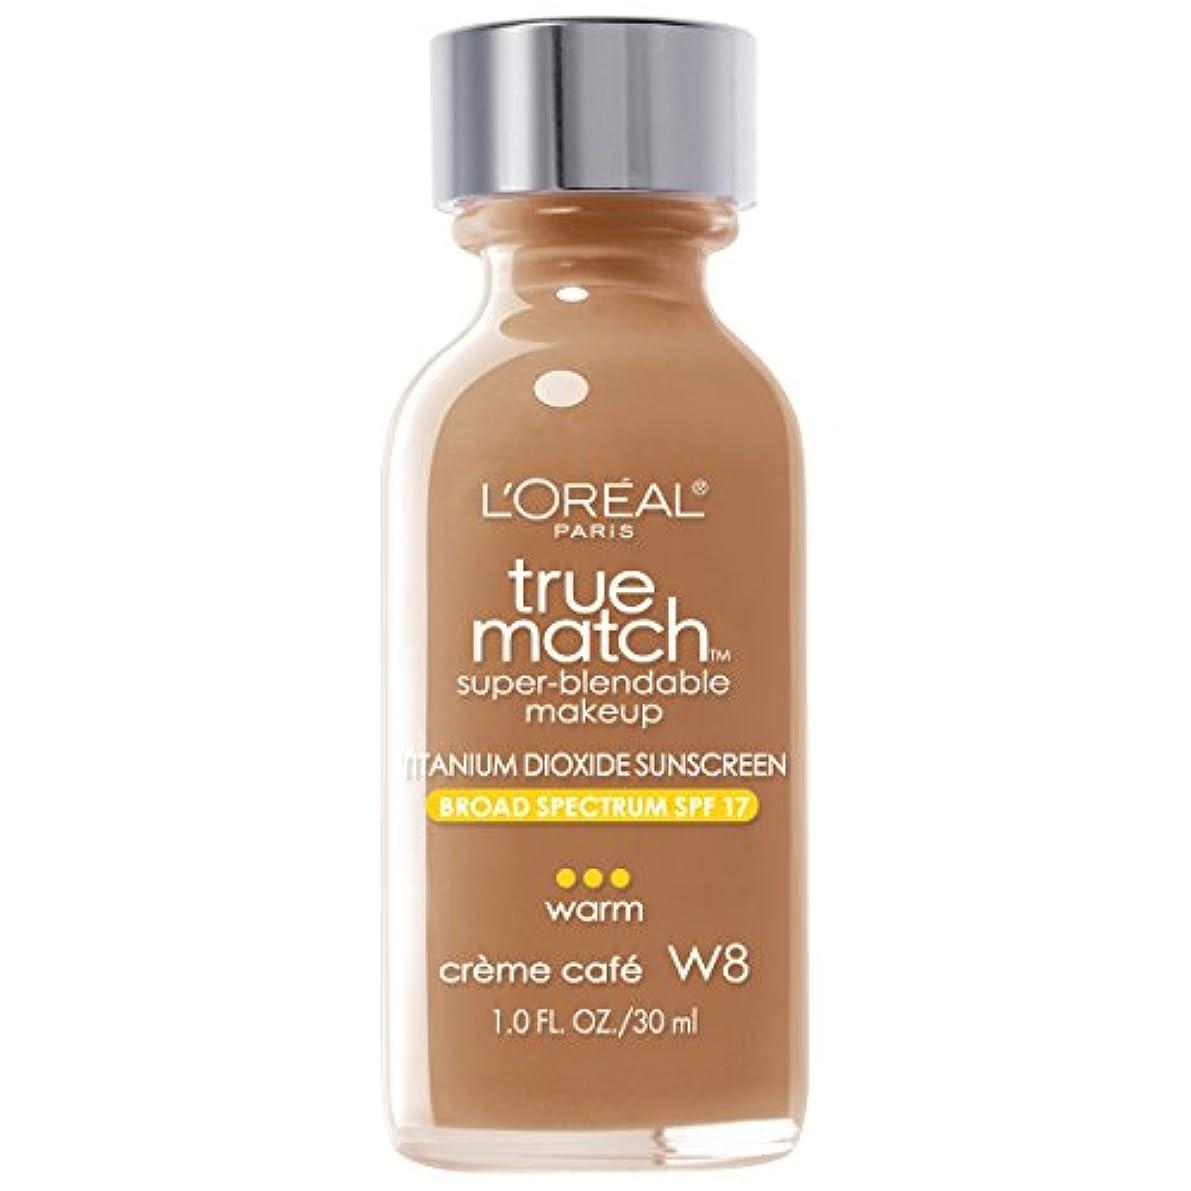 常習者落ち込んでいるインターネットL'Oréal True Match Super-Blendable Foundation Makeup (CRÈME CAFÉ)